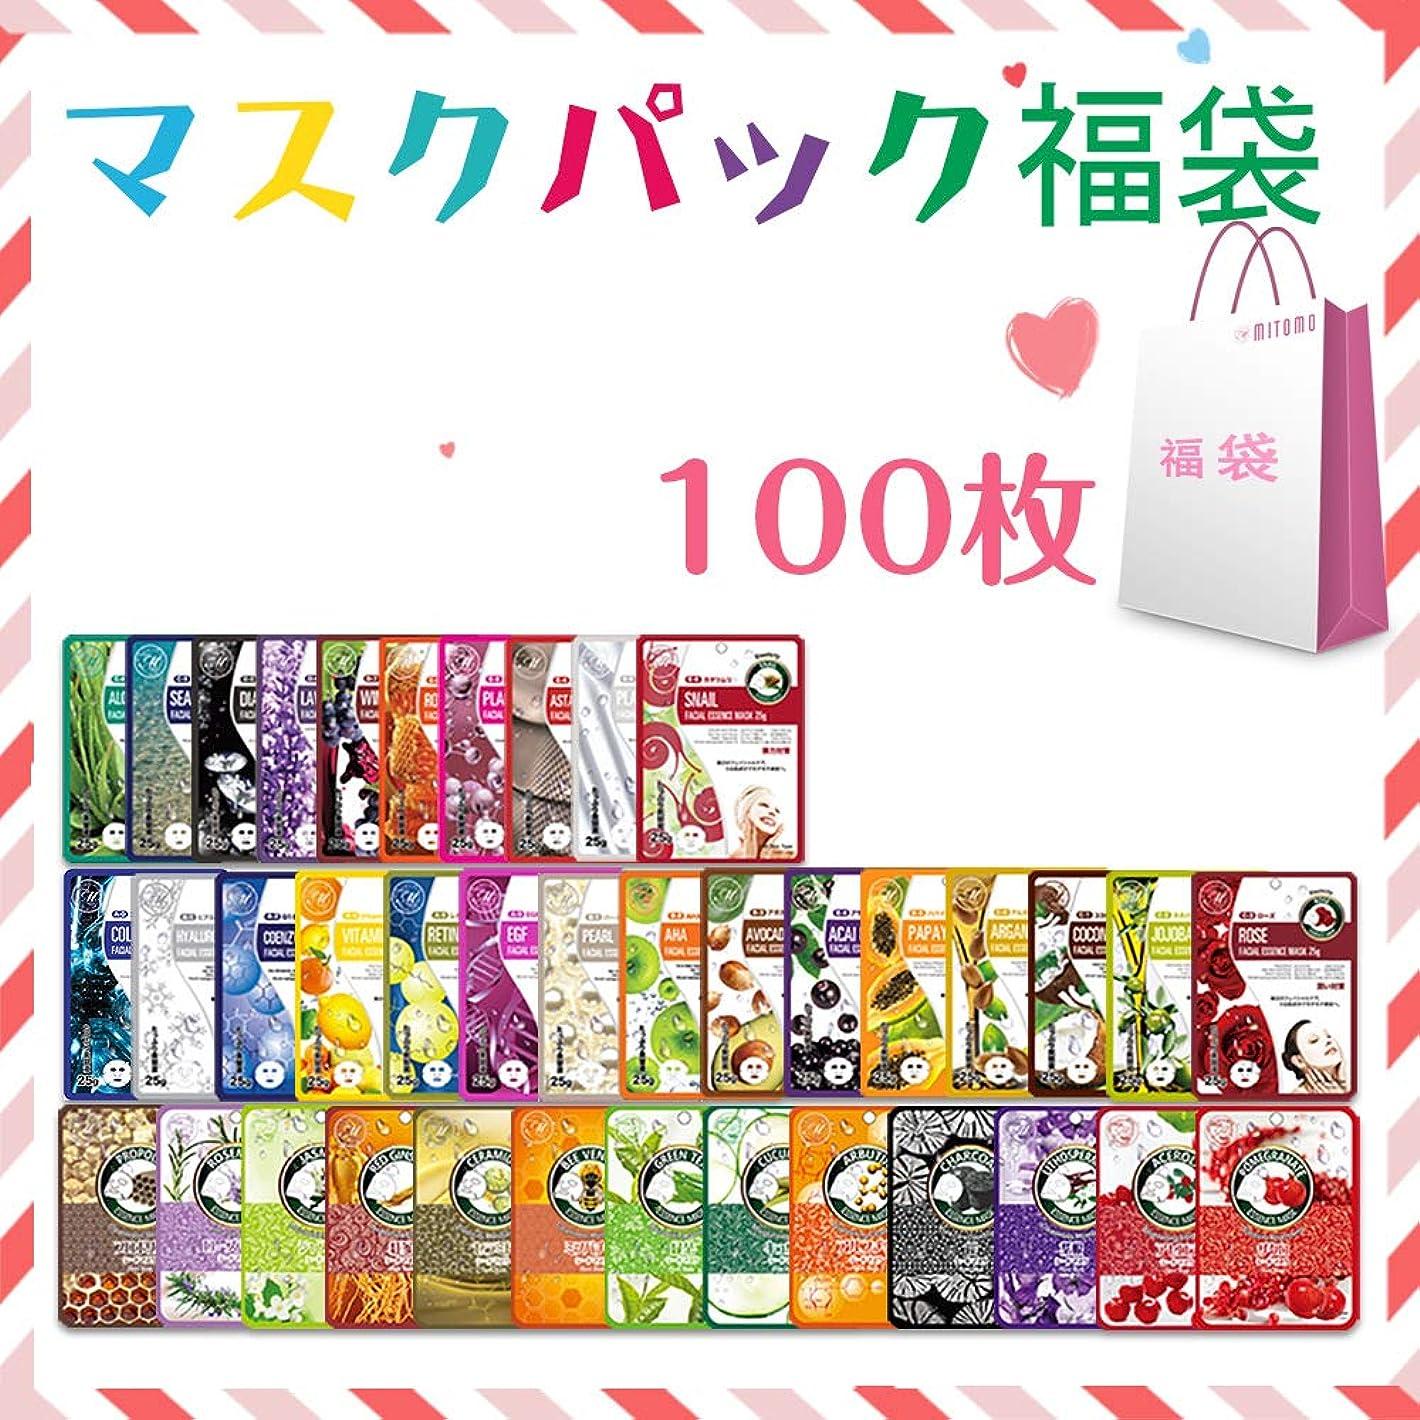 プログラム早める中古【LBPRKL0100】シートマスク/100枚/美容液/マスクパック/送料無料